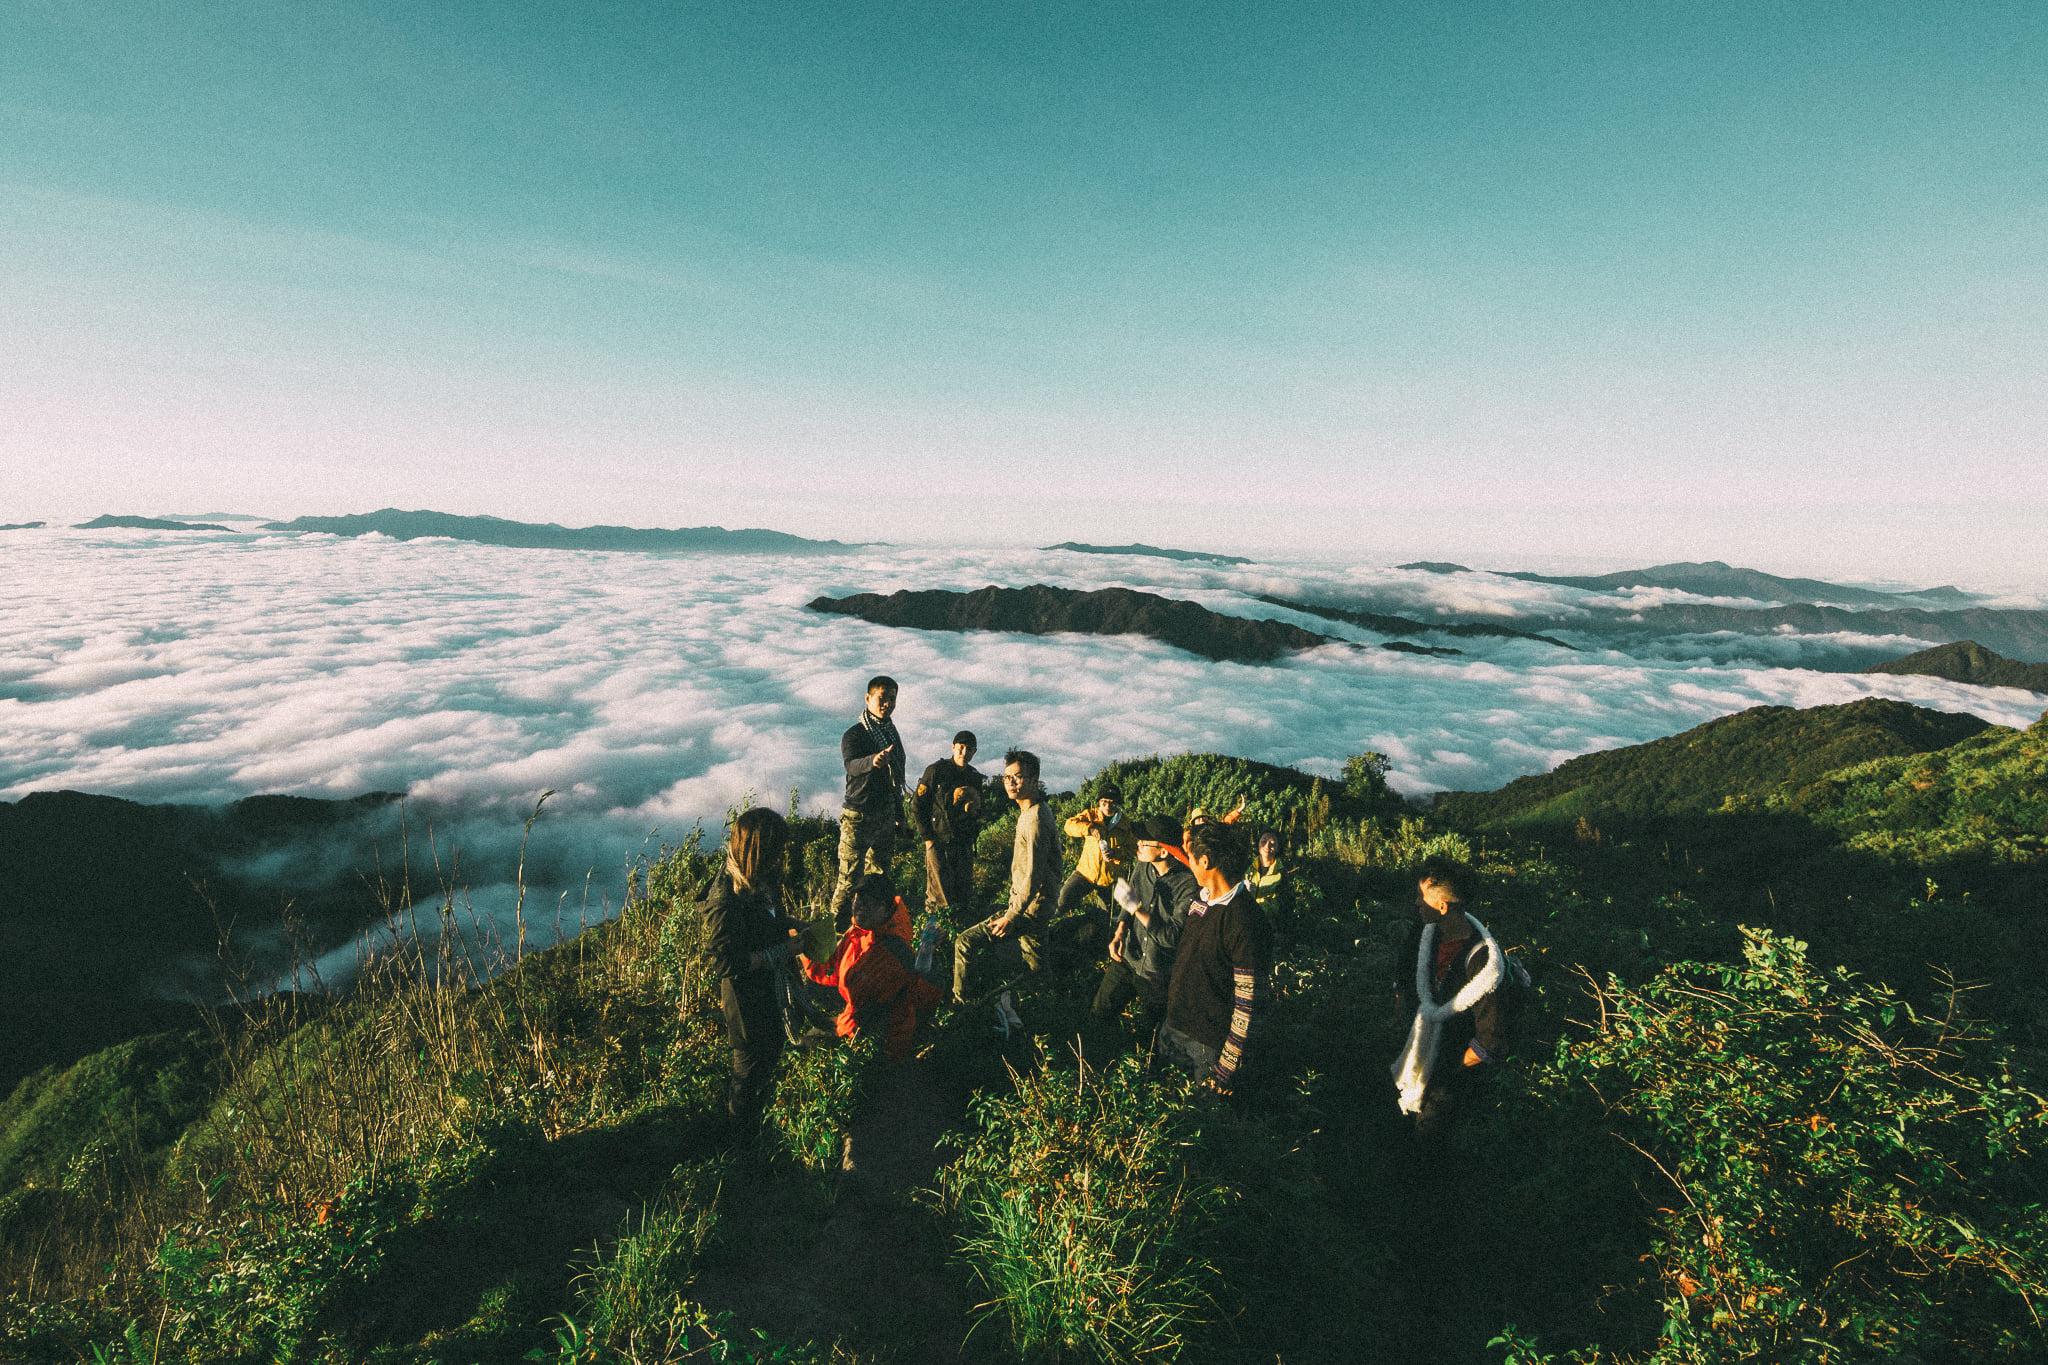 Xuyên rừng tìm biển mây cuộn sóng trên đỉnh Lùng Cúng, lại thêm một đại dương mây cực chất cho dân trekking